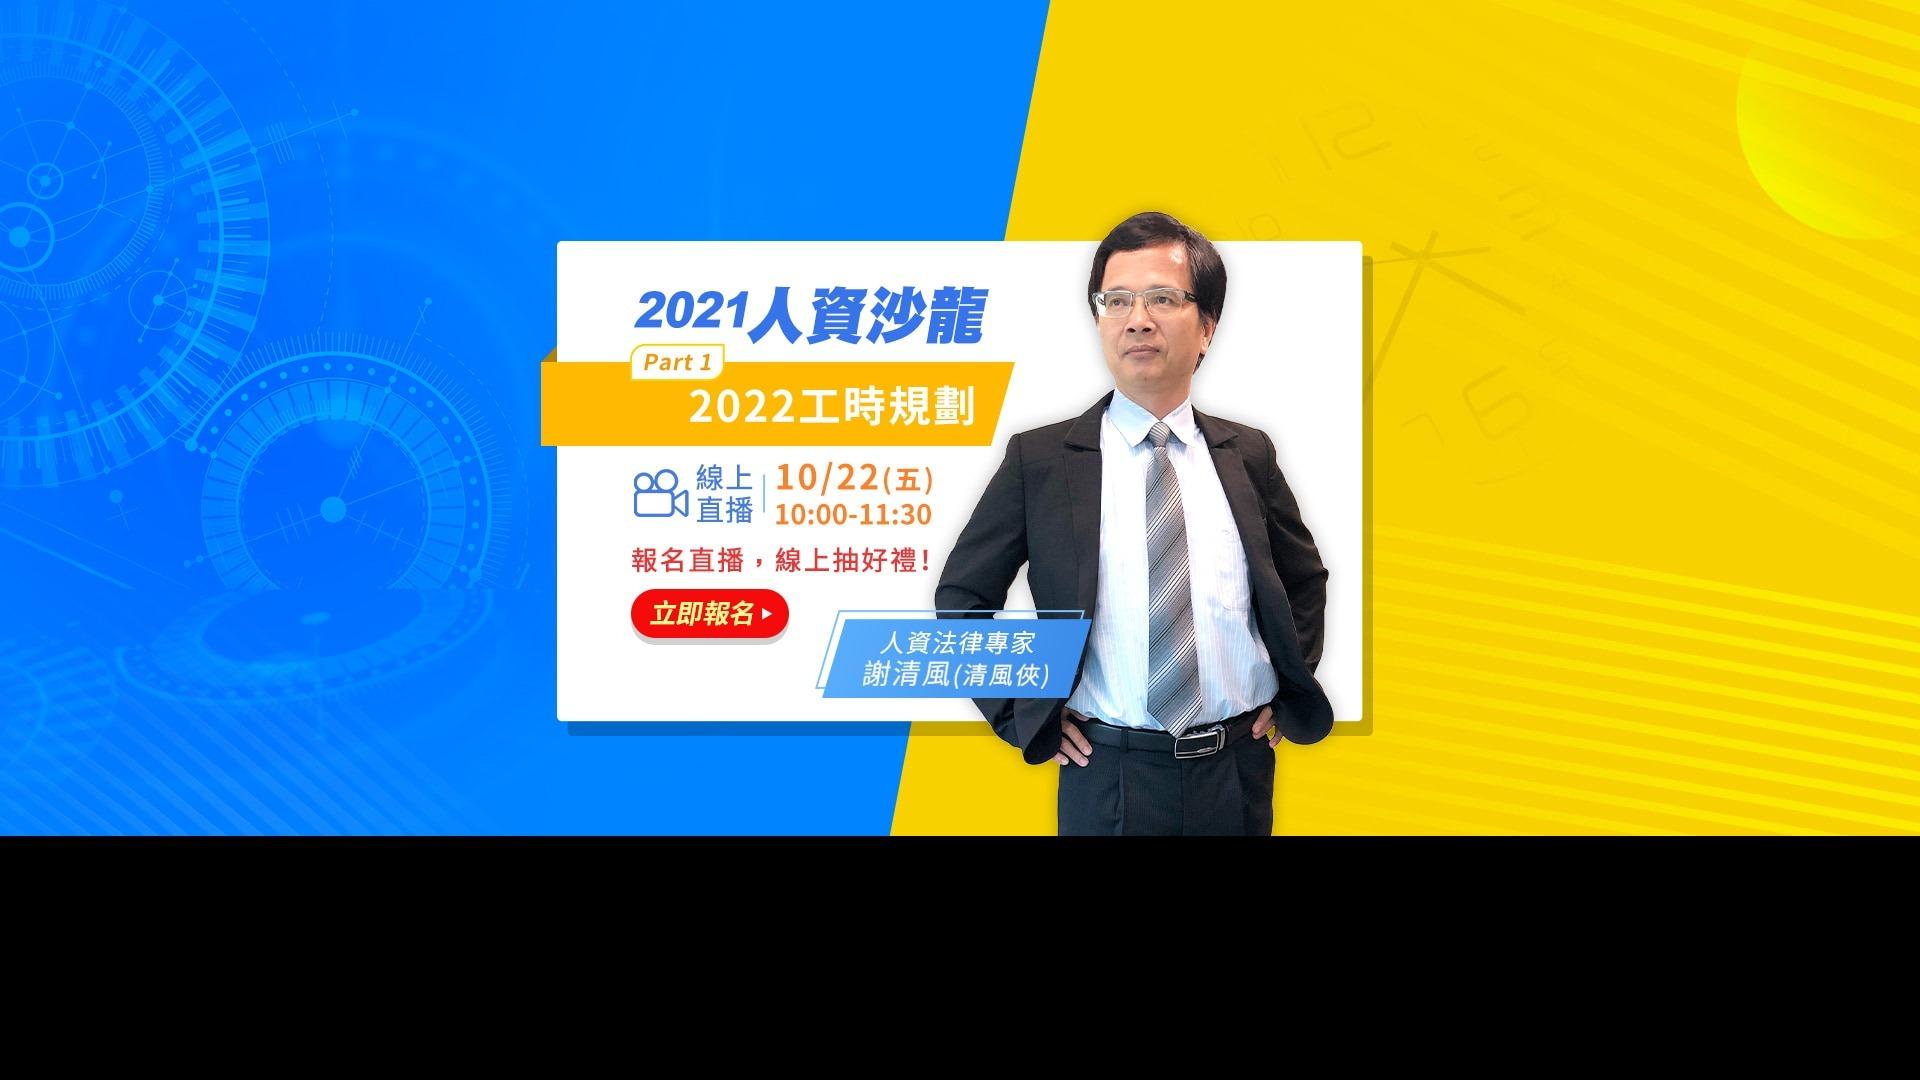 人資沙龍-2022工時規劃